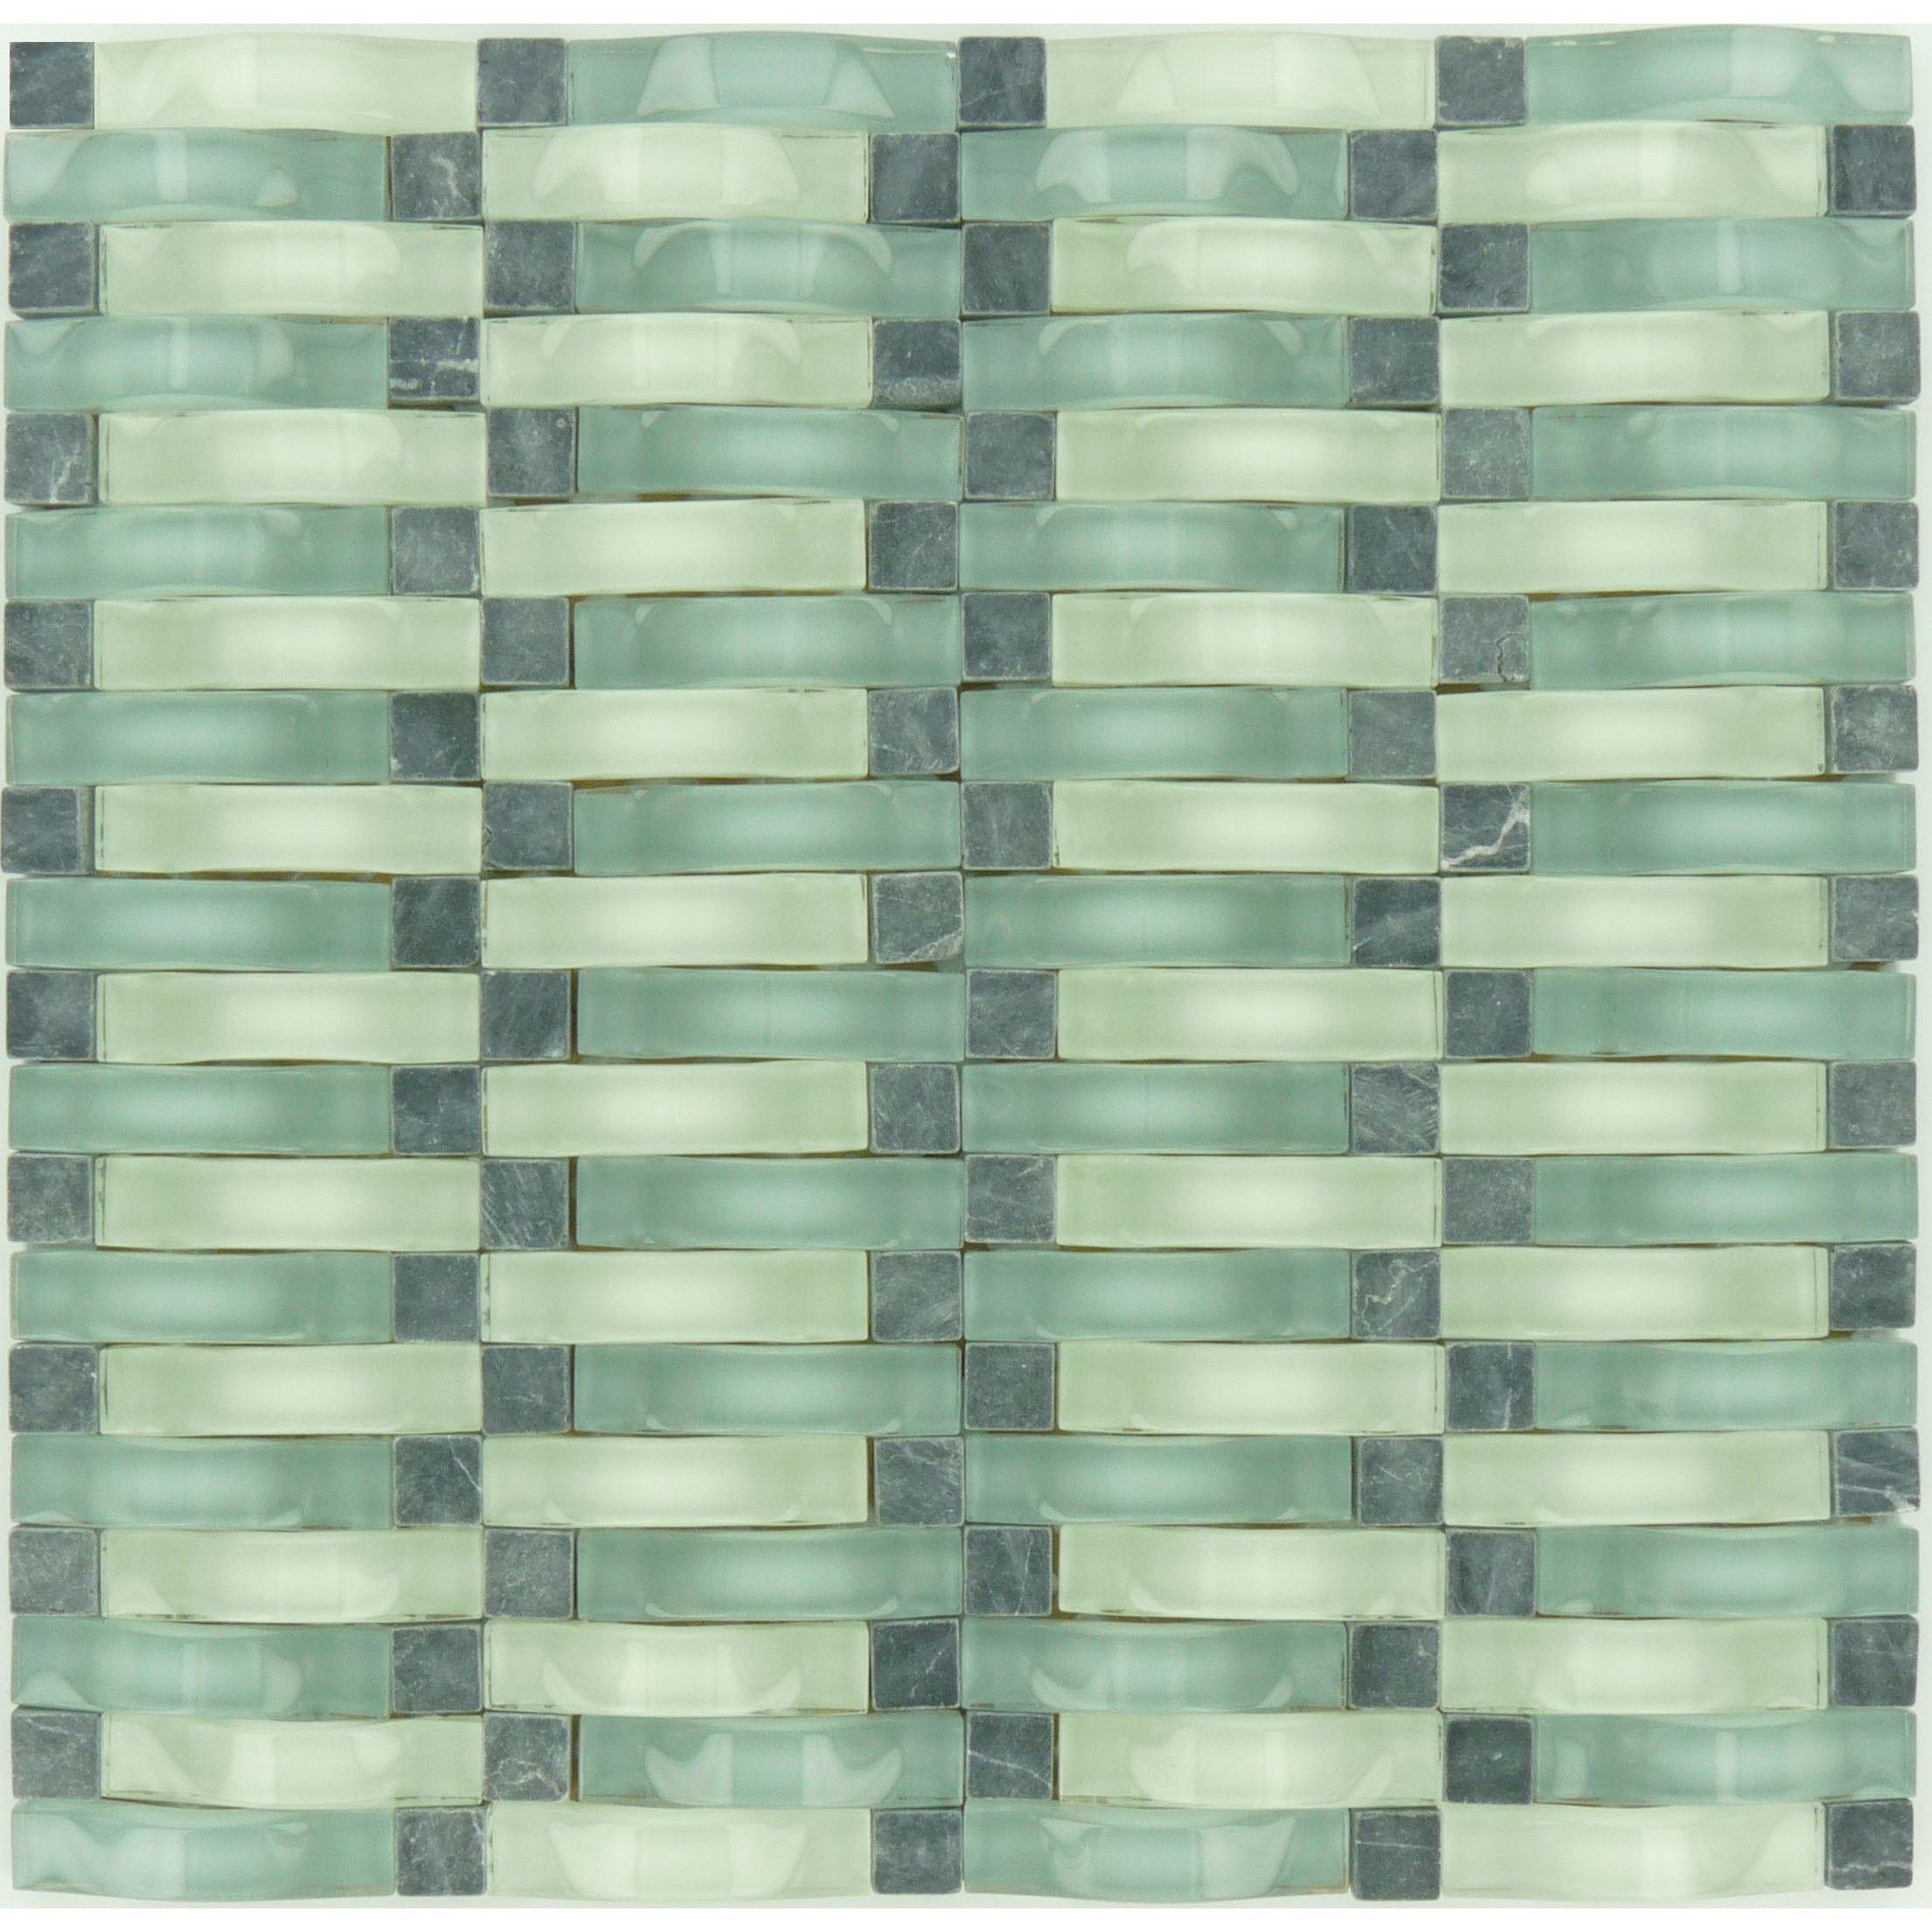 Sheet Size 12 1 8 X 12 3 8 Tile Size 5 8 X 2 1 2 Tiles Per Sheet 160 Tile Thickness 1 4 She Sea Glass Tile Glass Tile Stone Backsplash